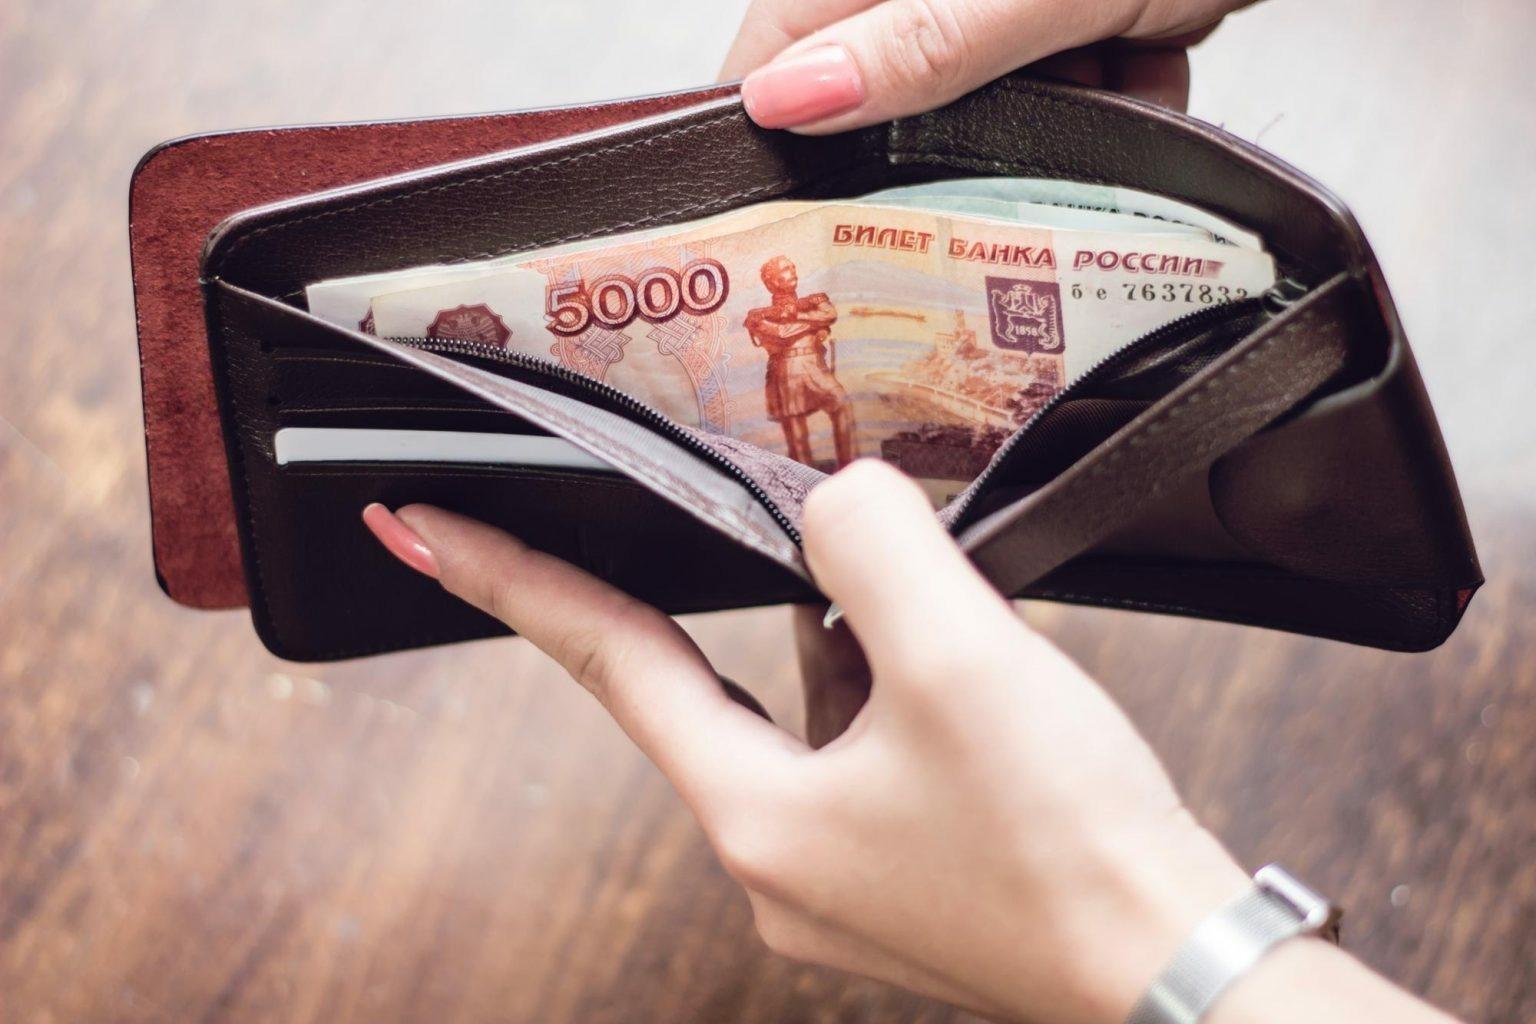 Микрозаймы на карту – как определить недобросовестных кредиторов